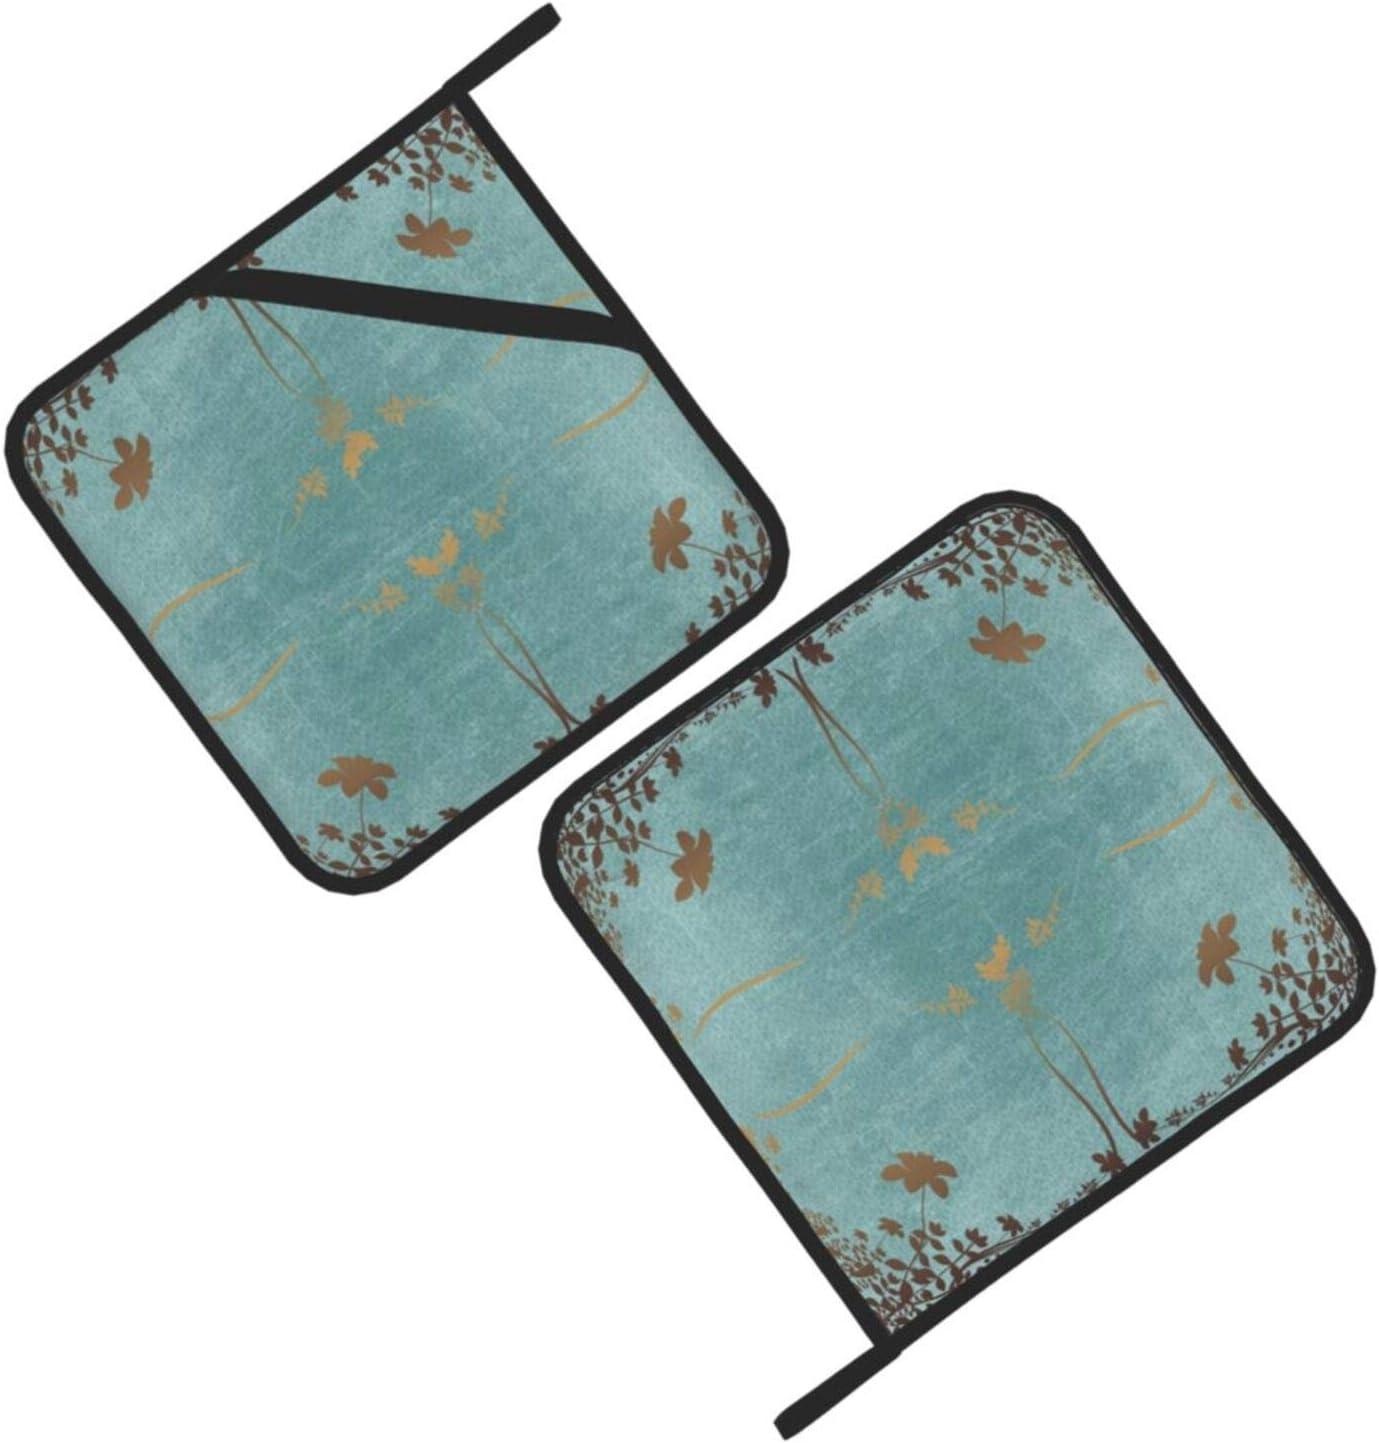 Wellay resistente al calore grigliare e cottura 7,1 x 20,3 cm Set di pentole con motivo floreale per cucinare